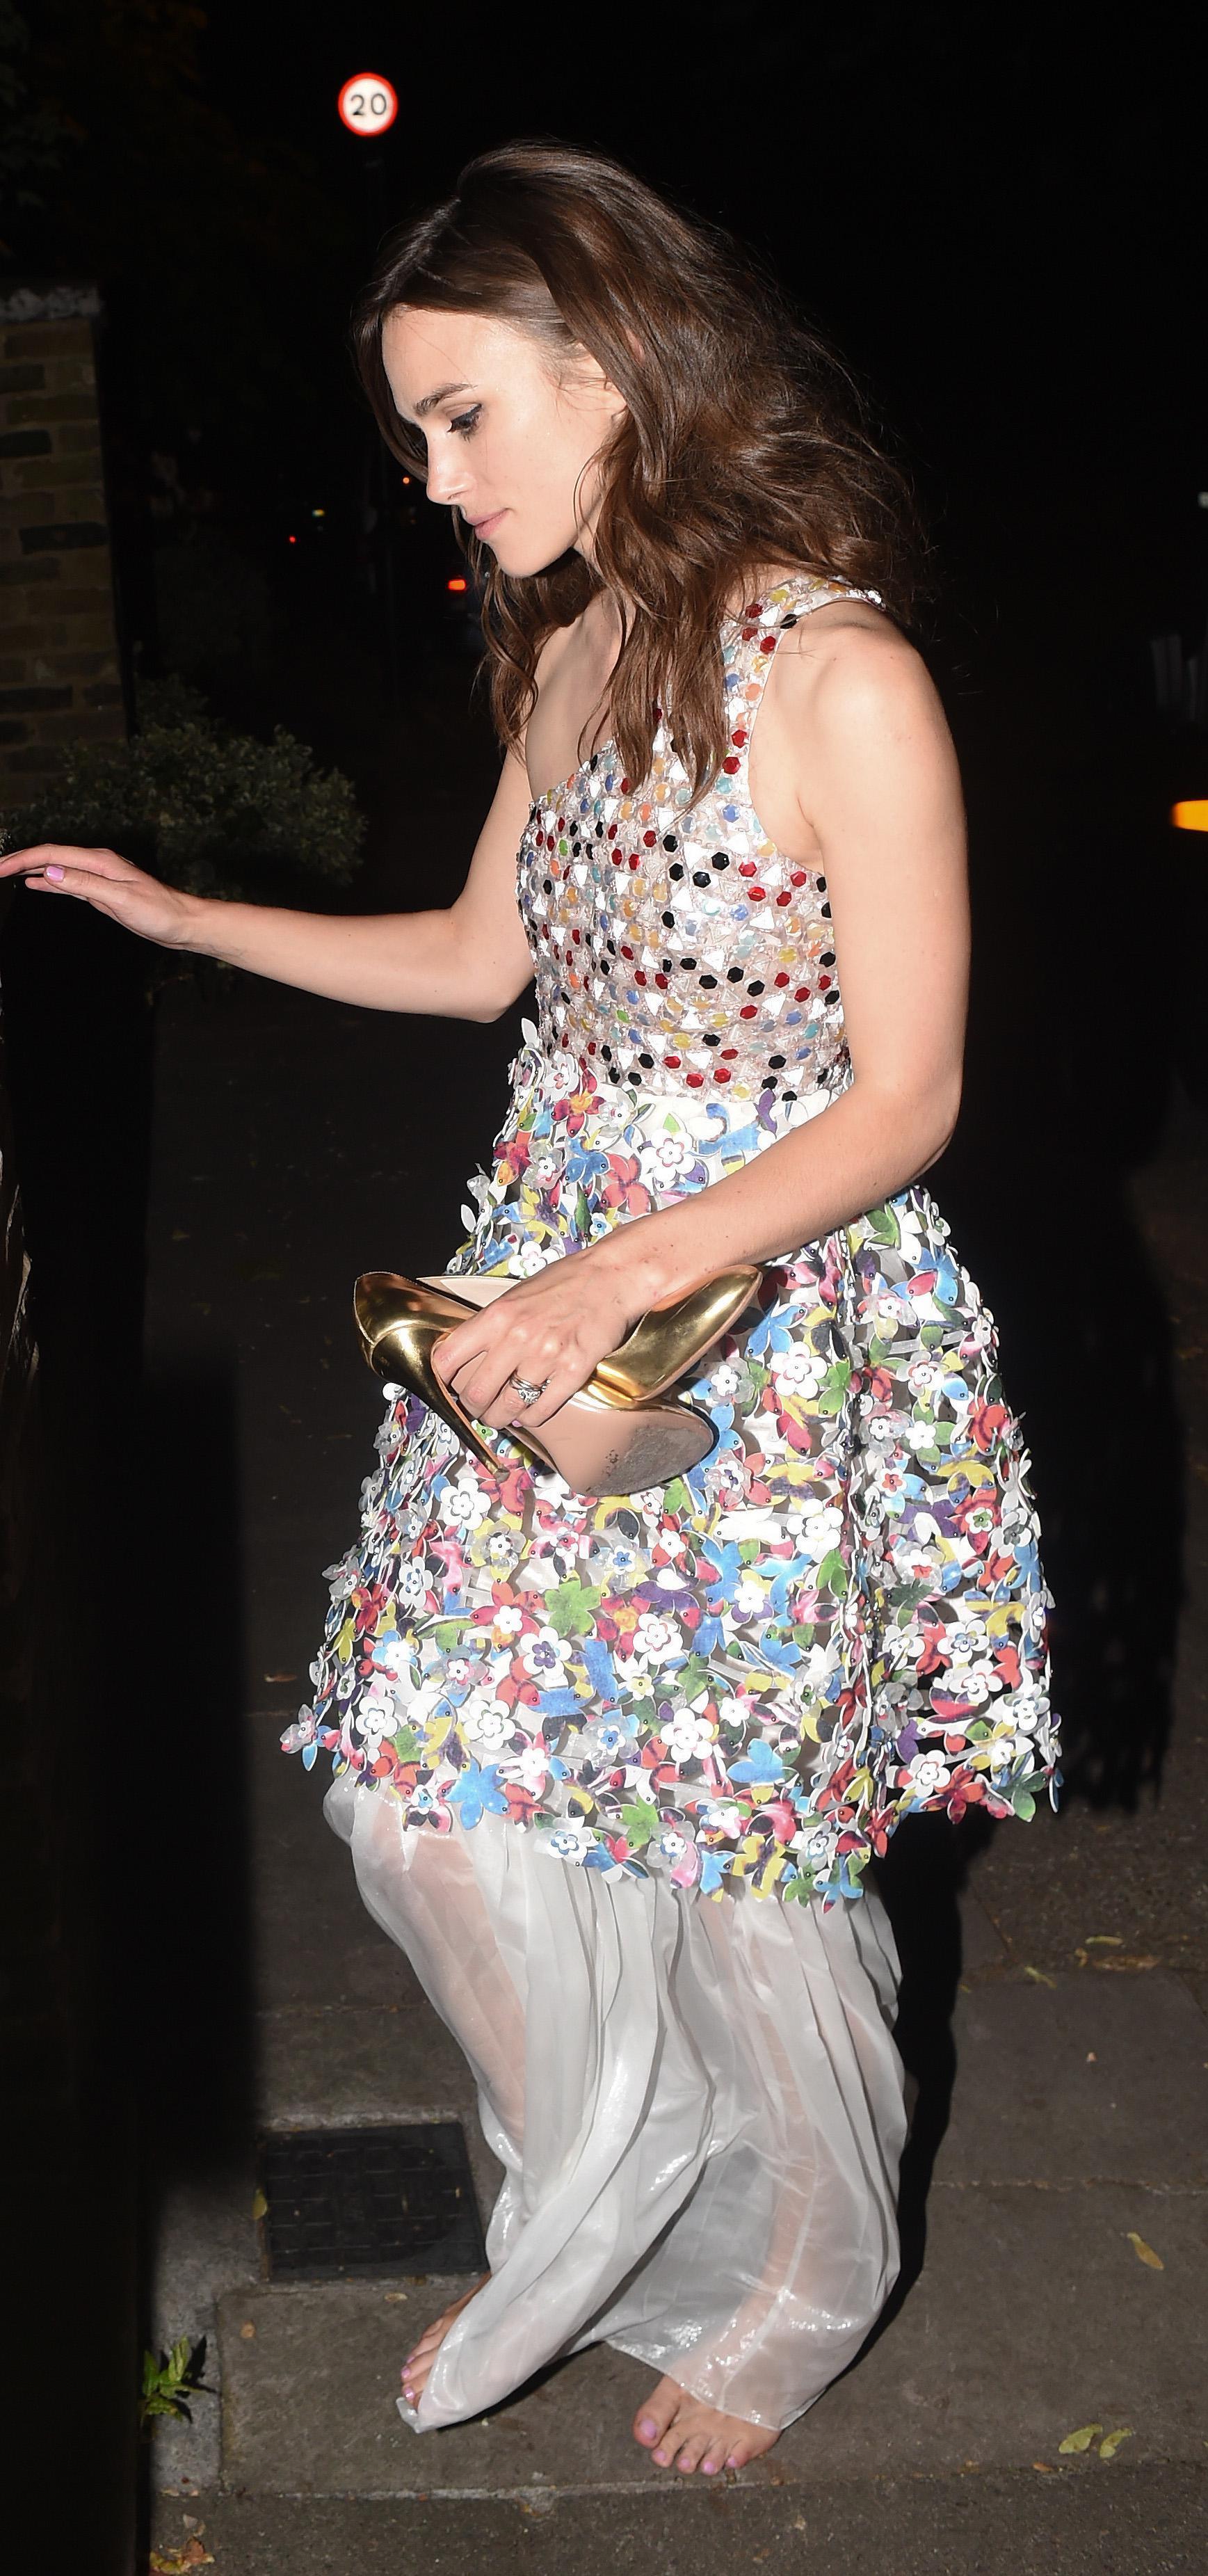 http://pics.wikifeet.com/Keira-Knightley-Feet-1385673.jpg